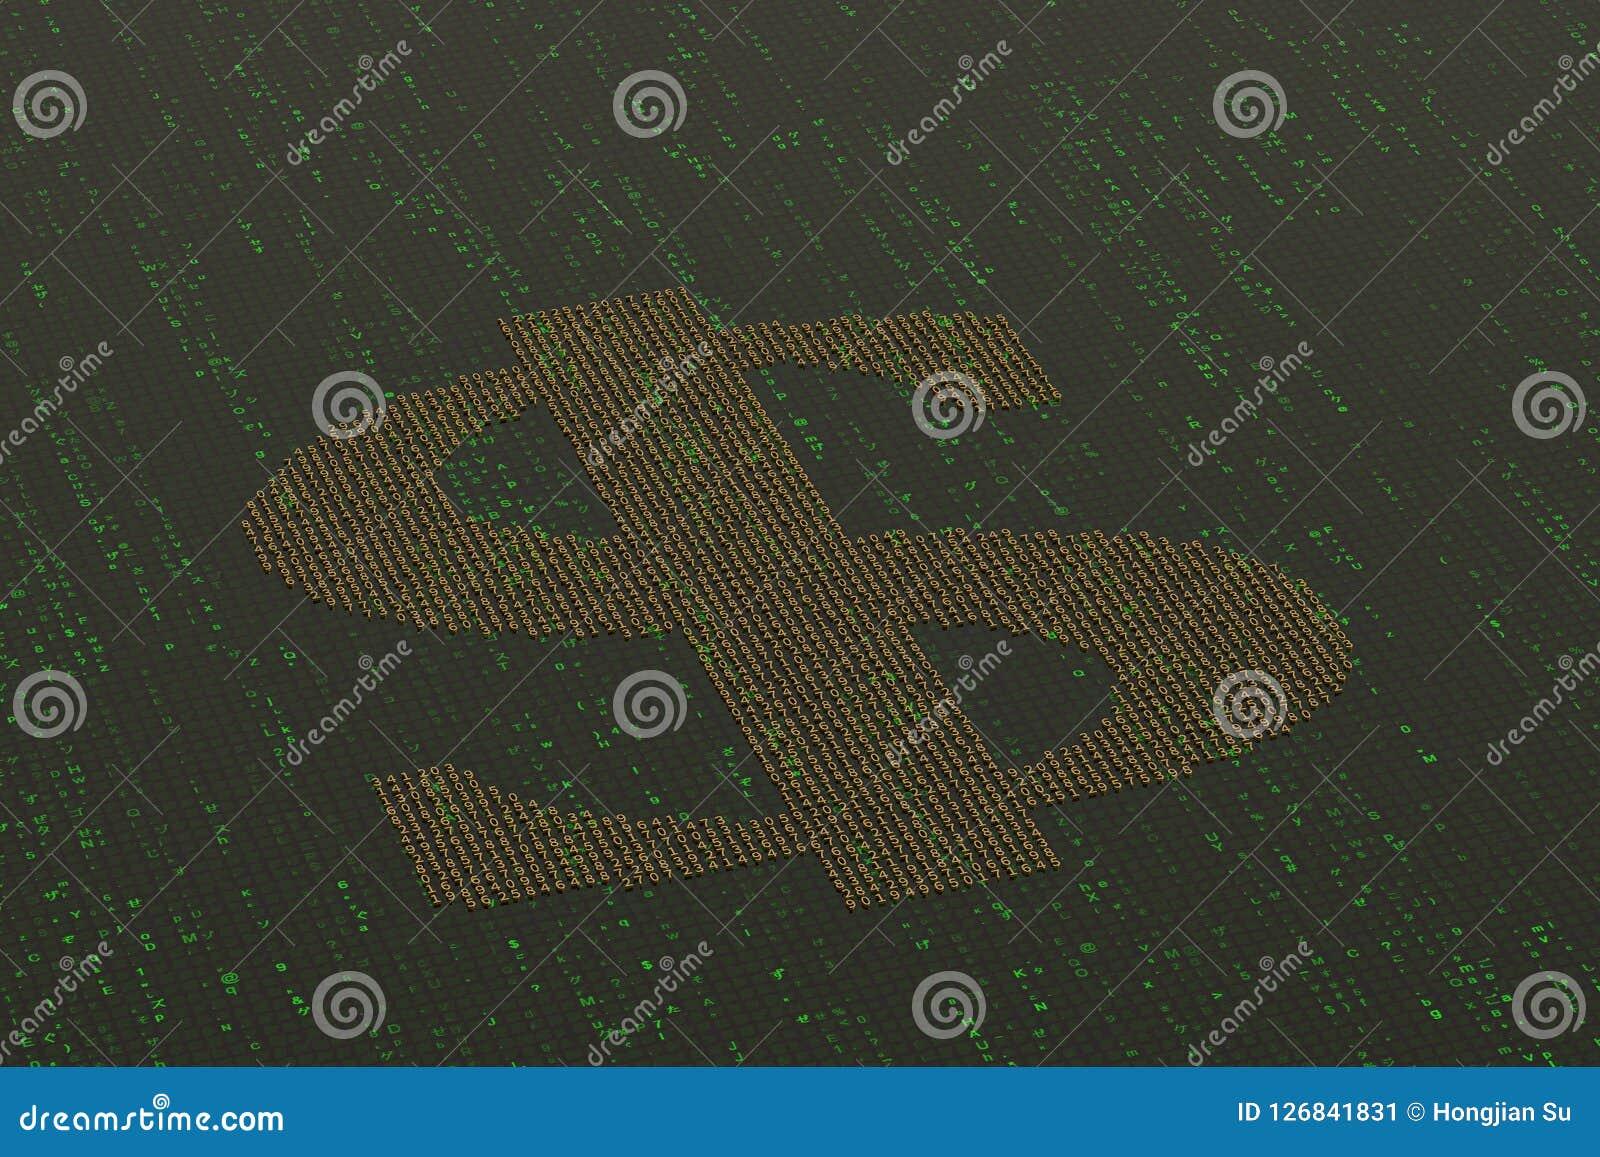 Numbers Make Up A Dollar Symbol On Digital Background 3d Illust